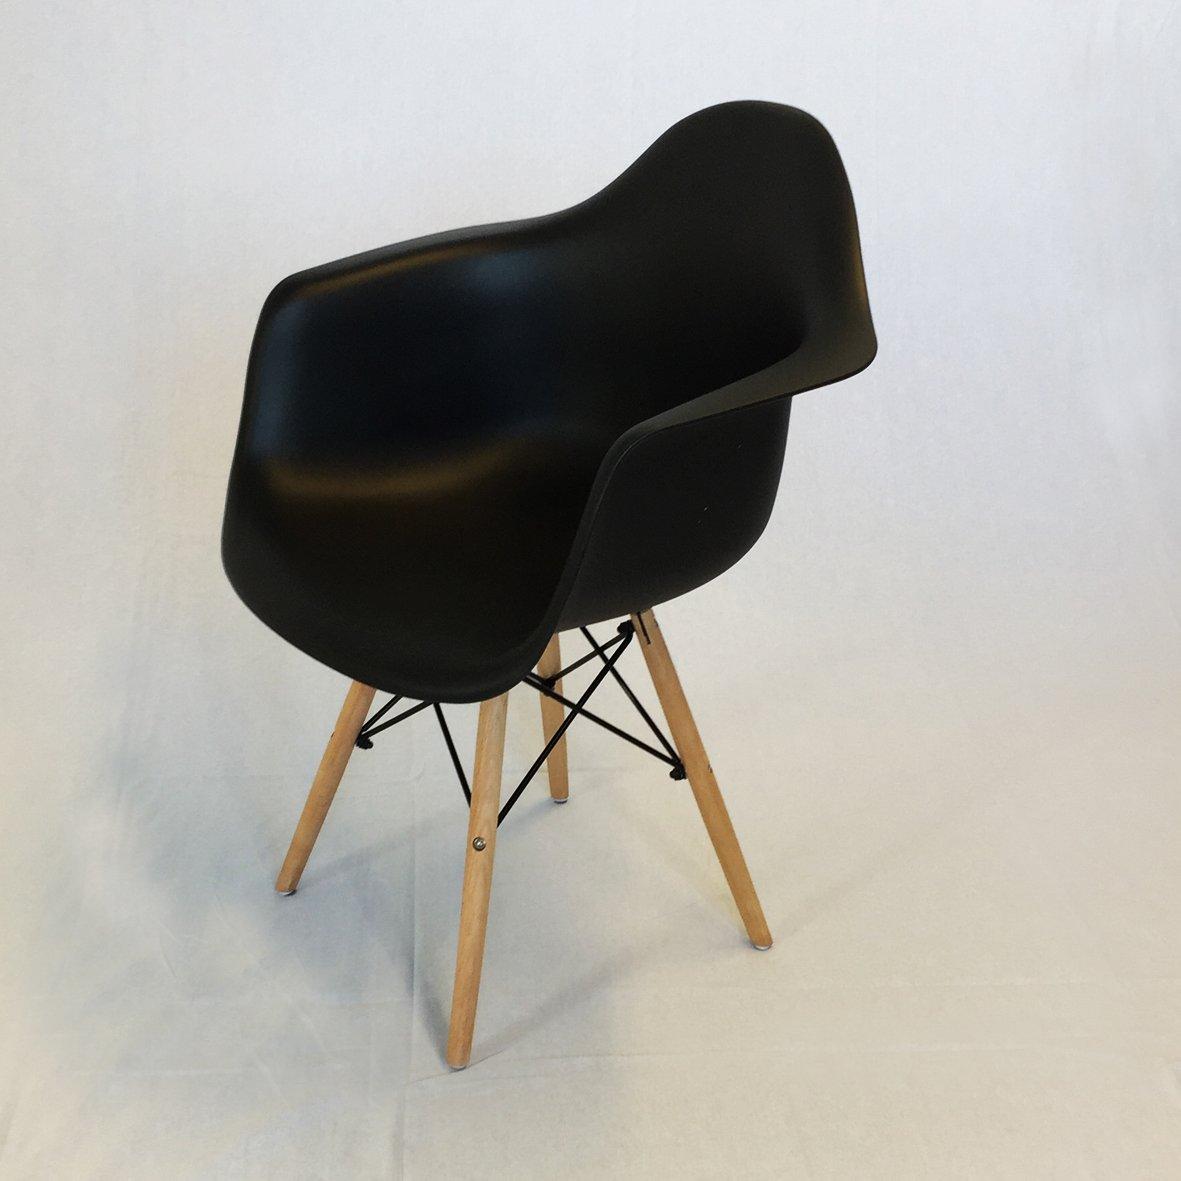 Designer Stuhl Mit Armlehnen Wohnzimmer - Design